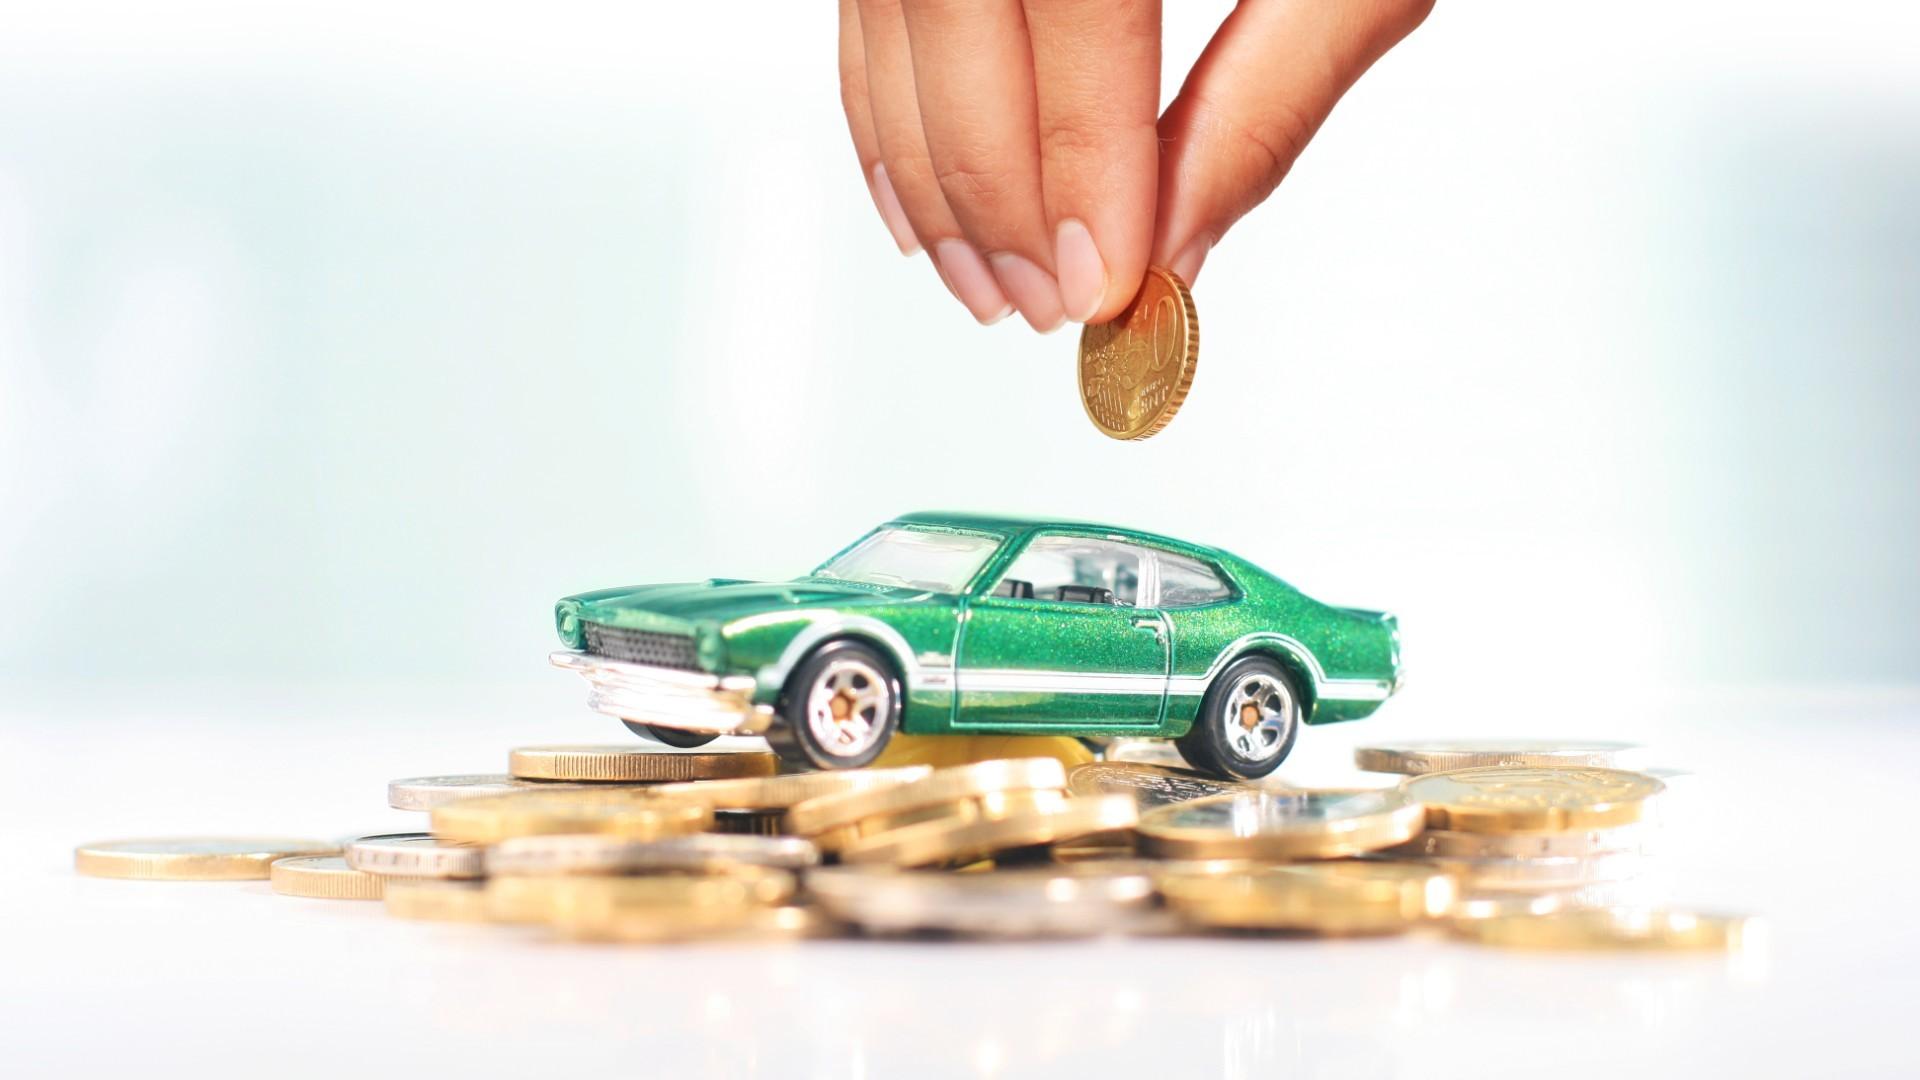 Кредит под залог птс тюмень банк можно ли переоформить машину если она в кредите но птс на руках